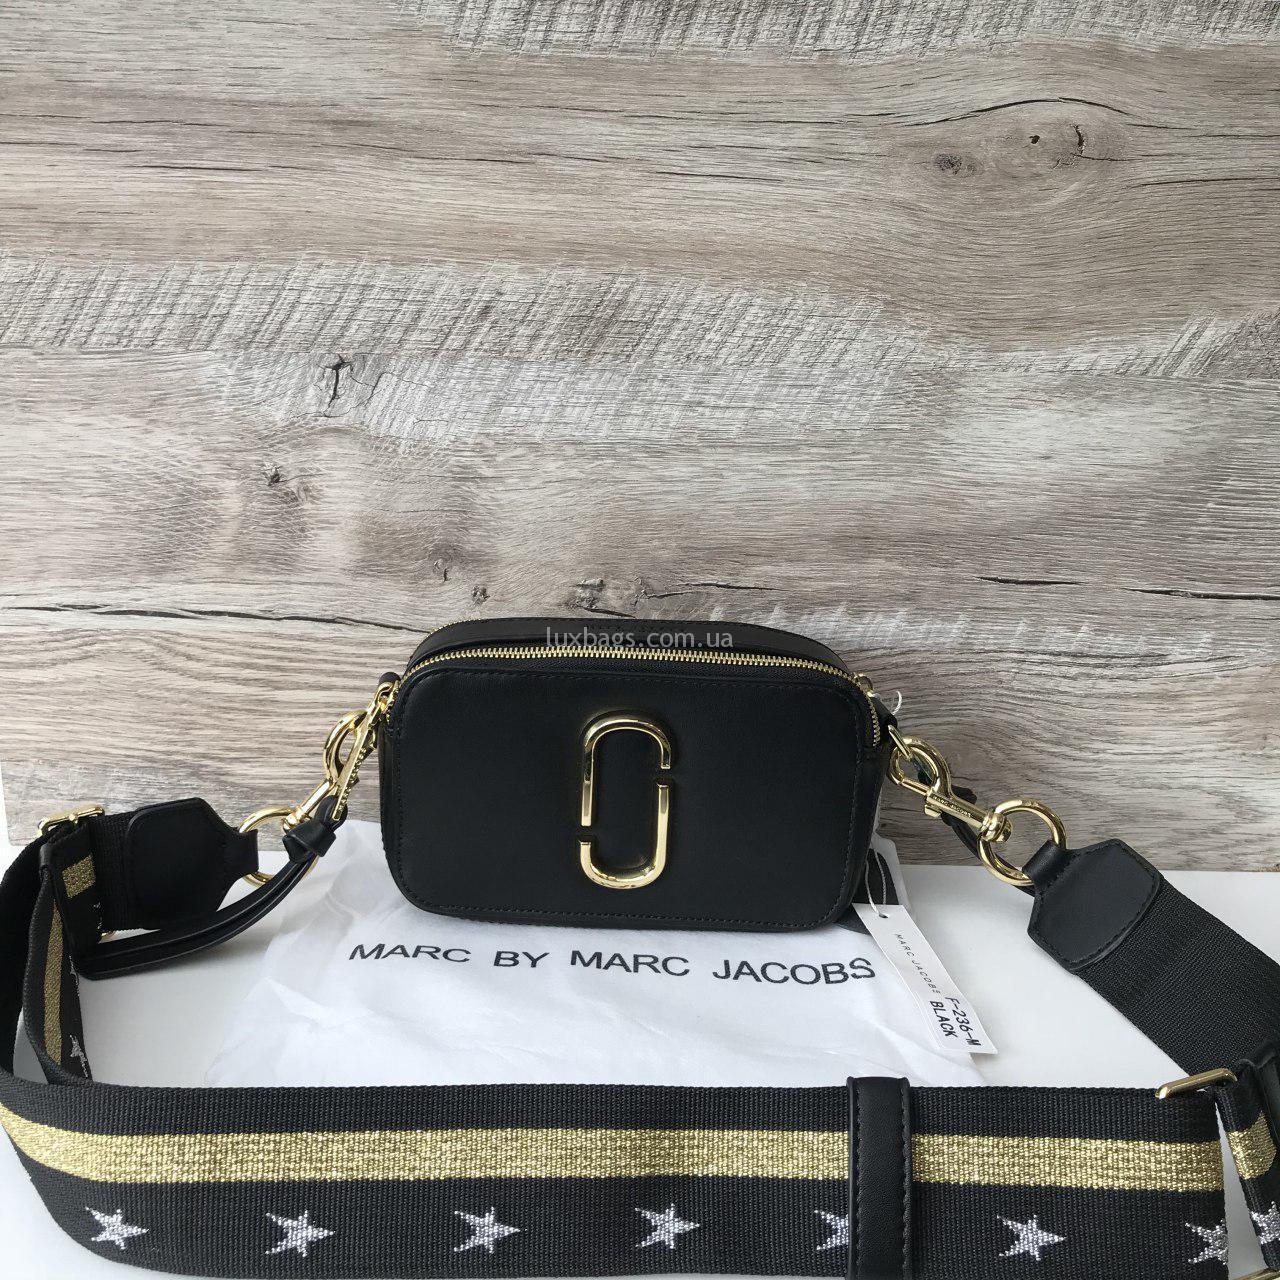 1e1336210817 Женская сумка клатч Marc Jacobs Купить на lux-bags